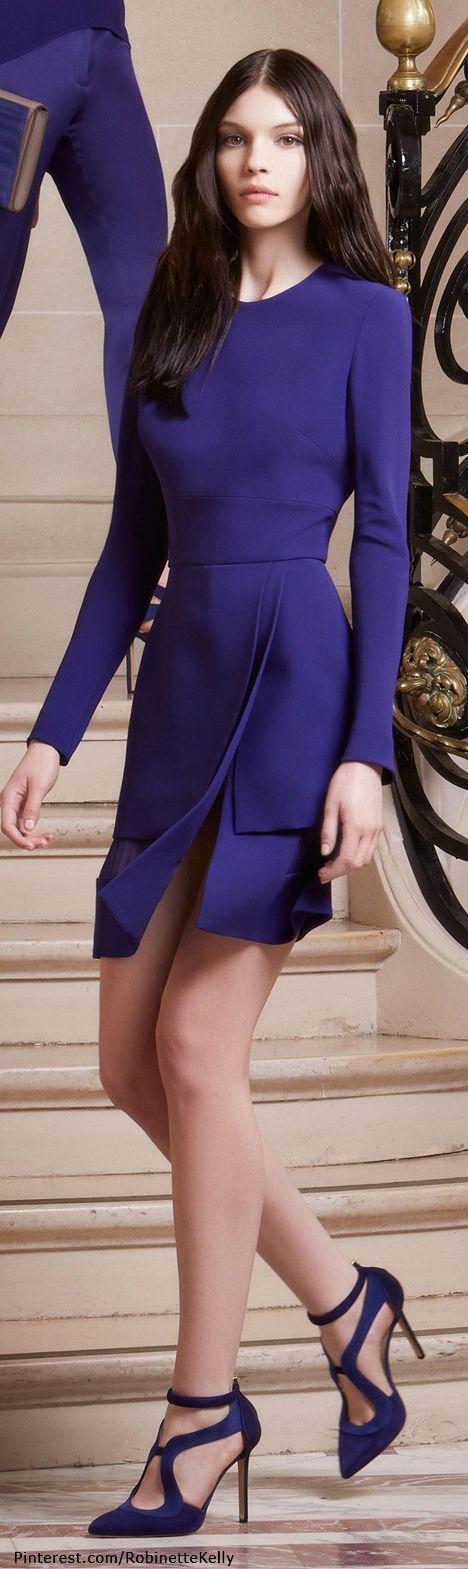 Mejores 18 imágenes de vestidos formales en Pinterest | Vestidos ...